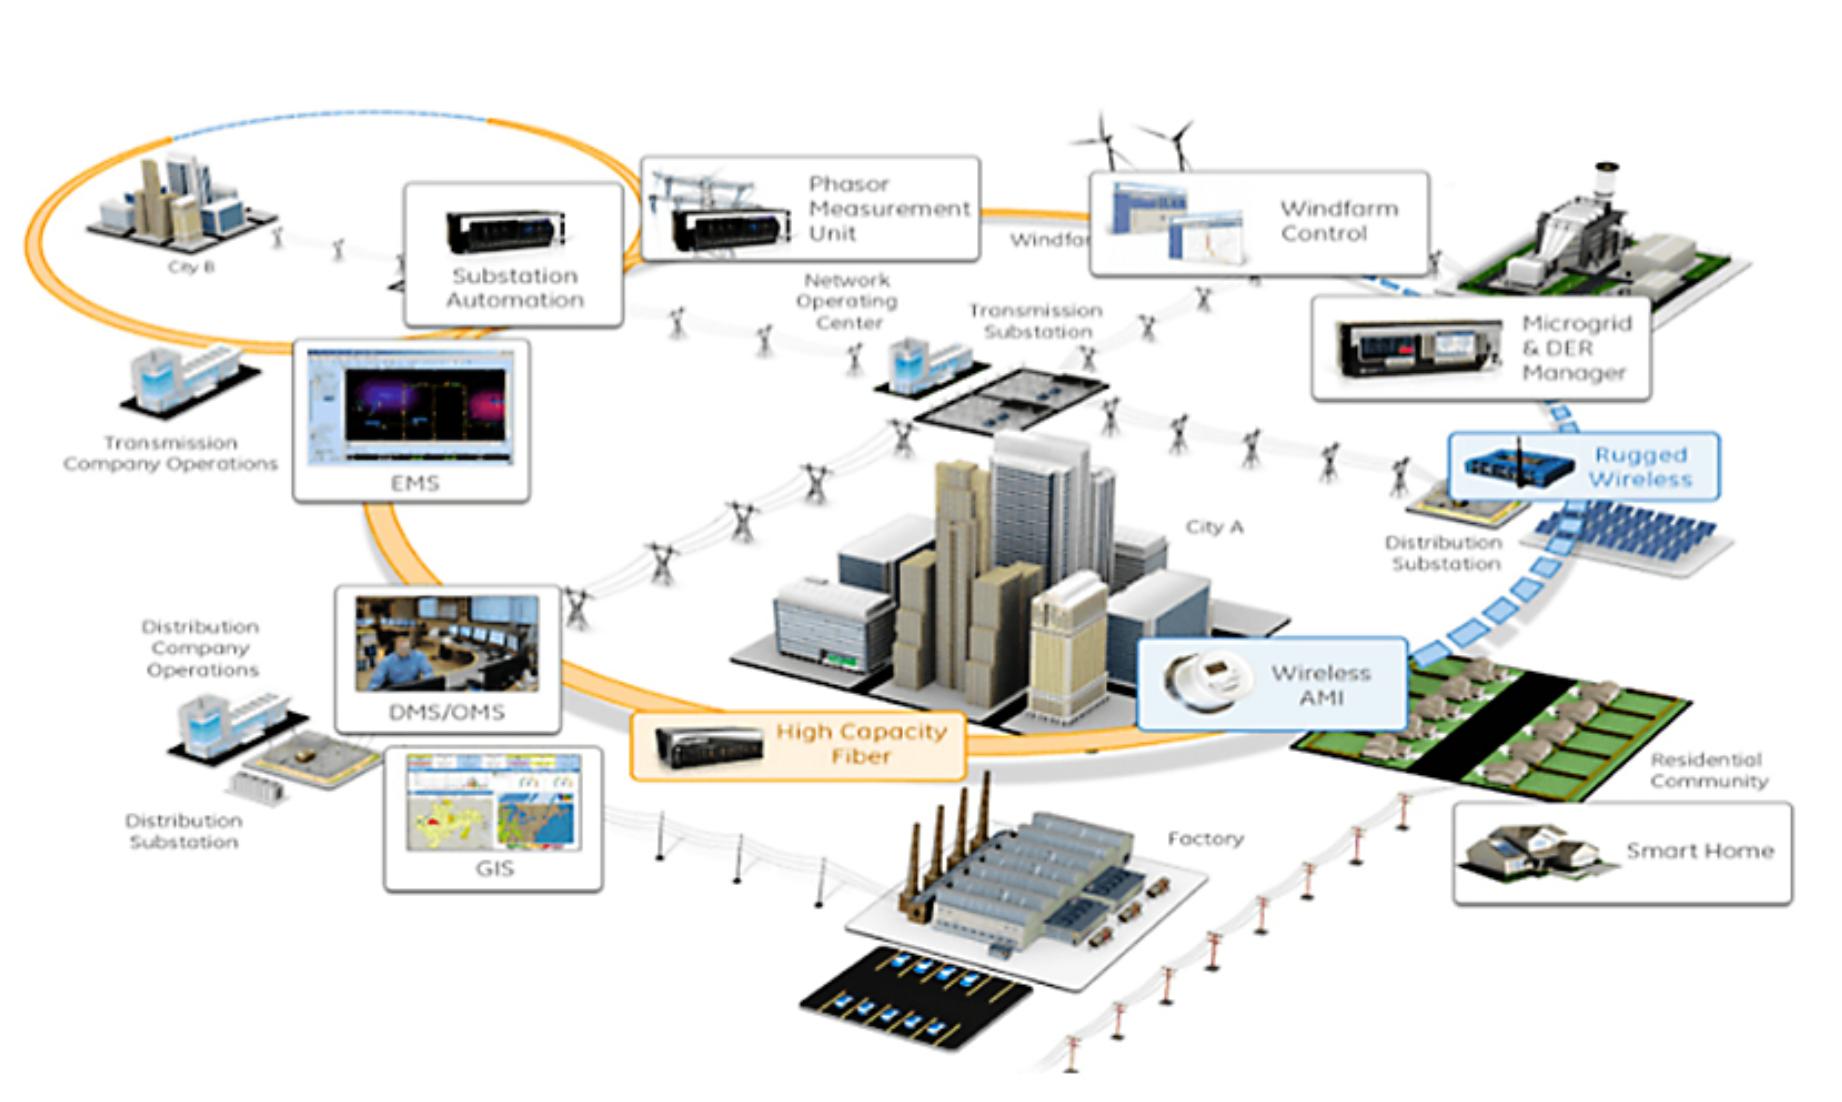 Vai trò mạng truyền thông công nghiệp